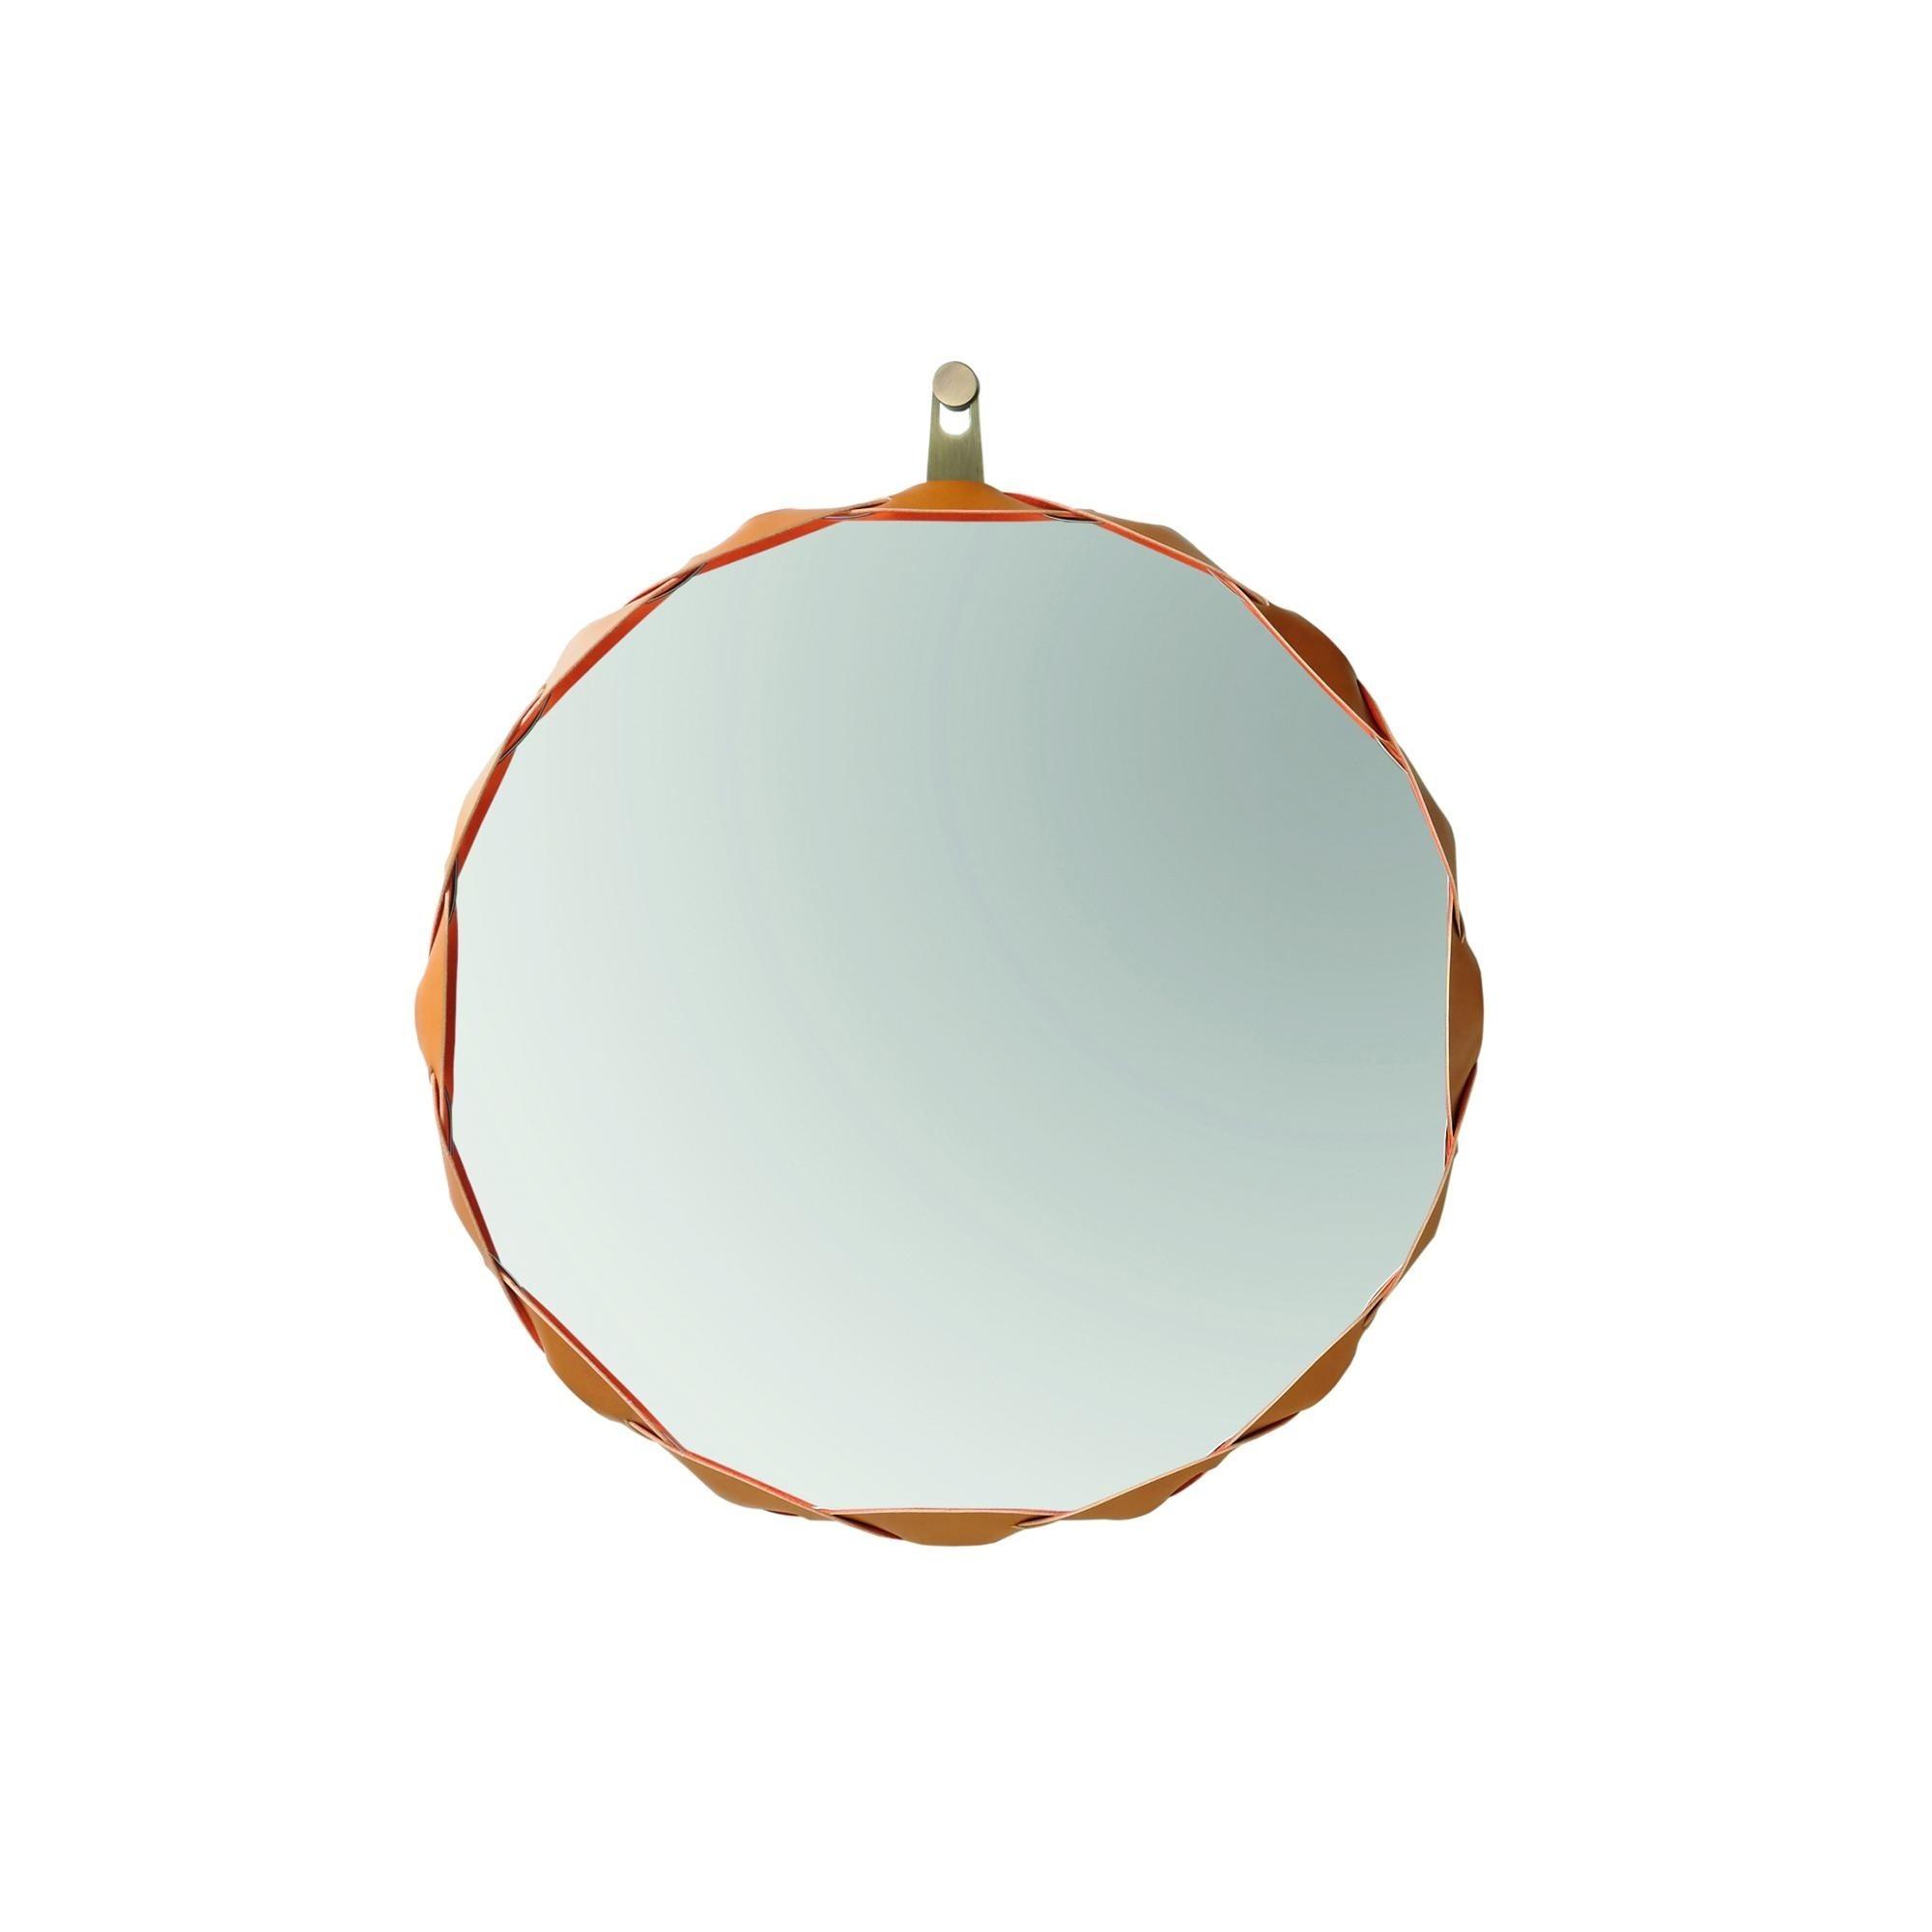 Leder spiegel